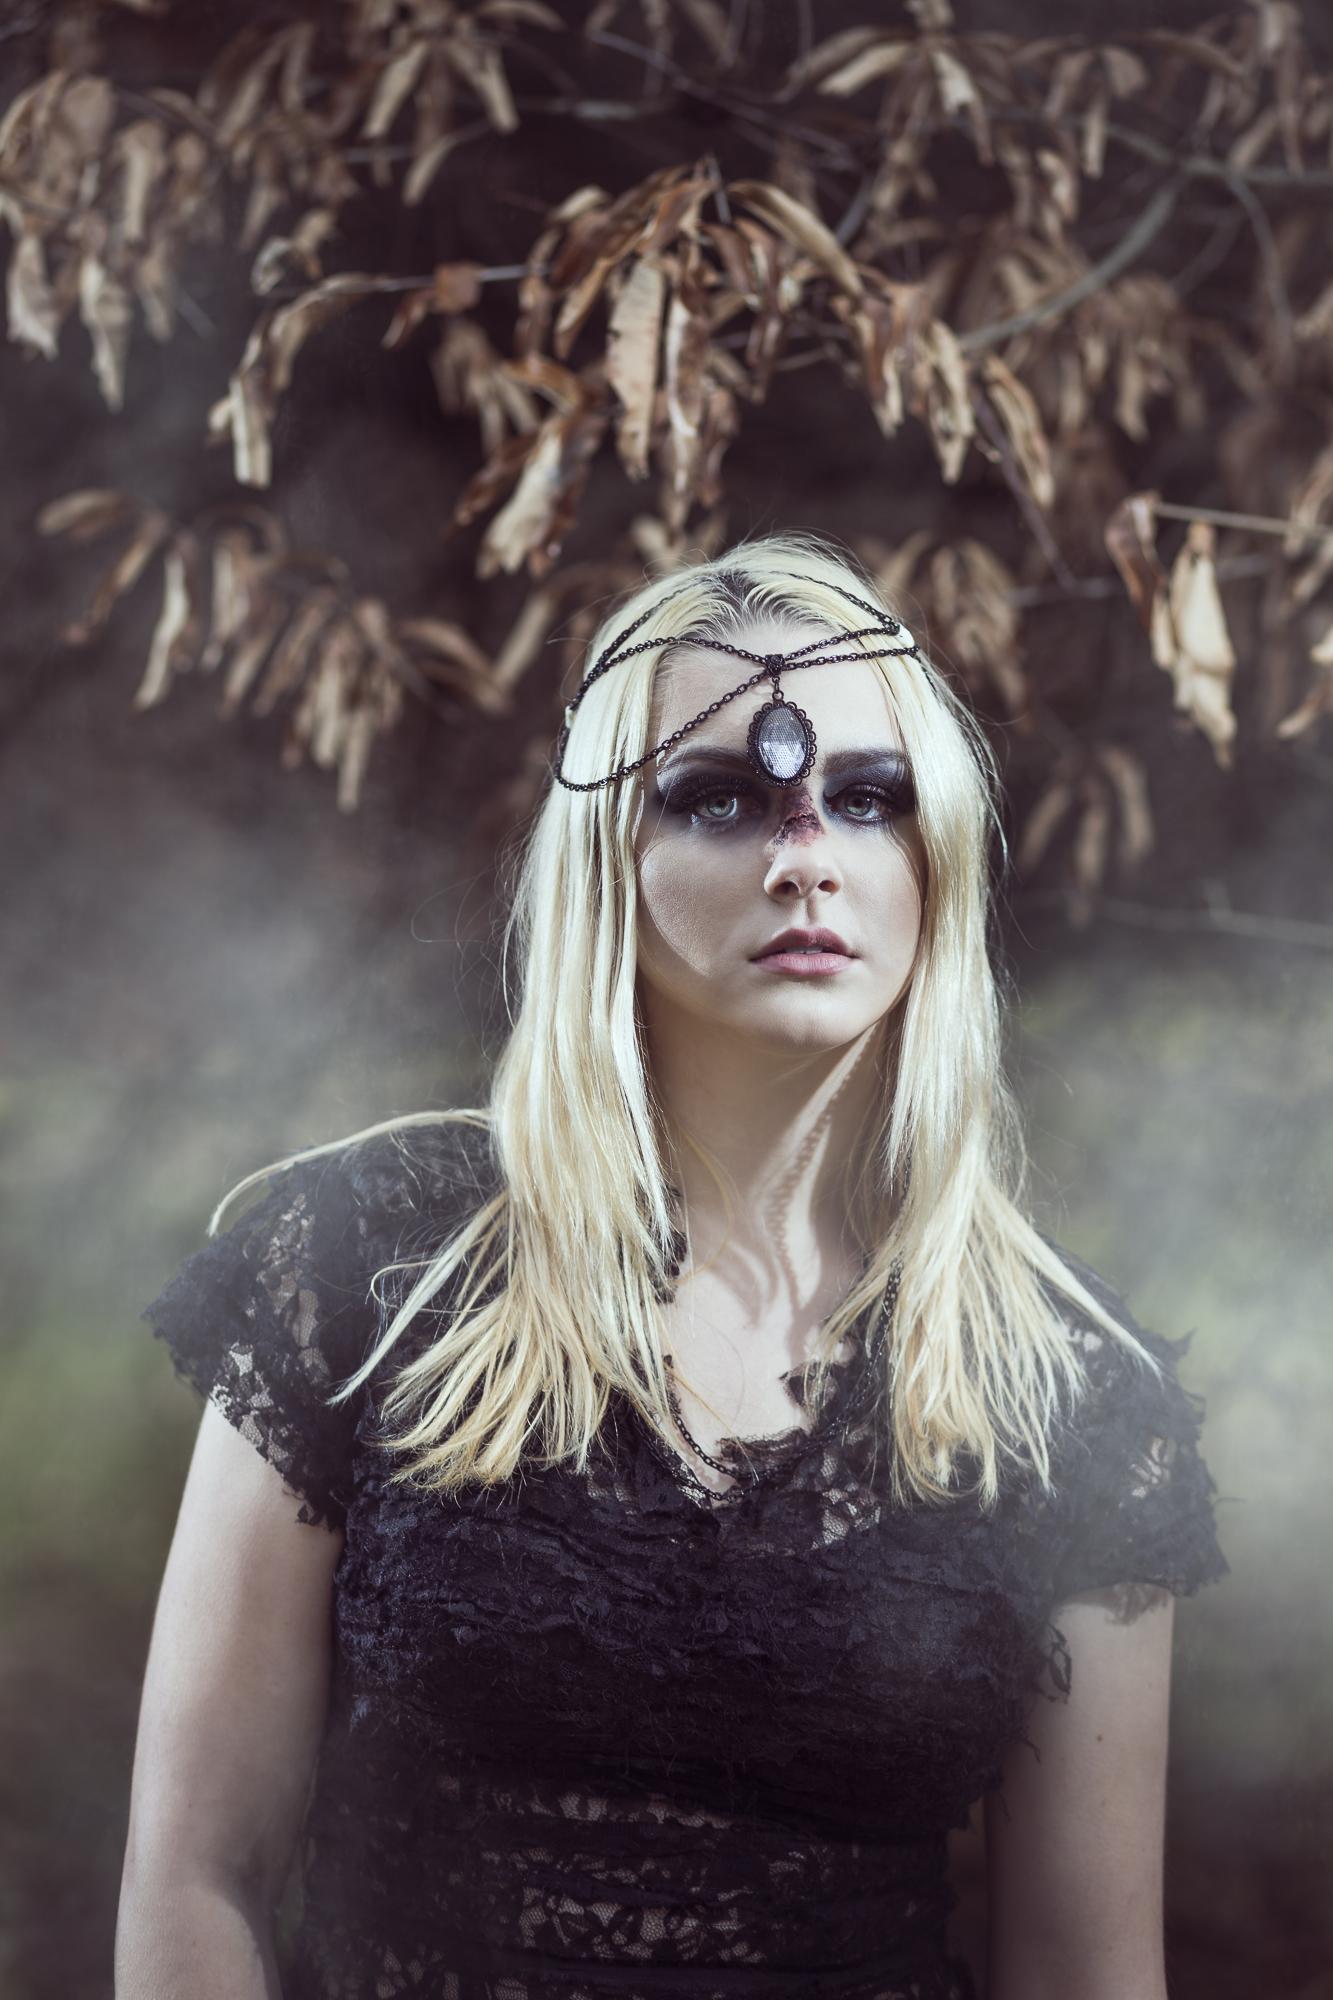 Shiloh Victoria Leath, Image 1